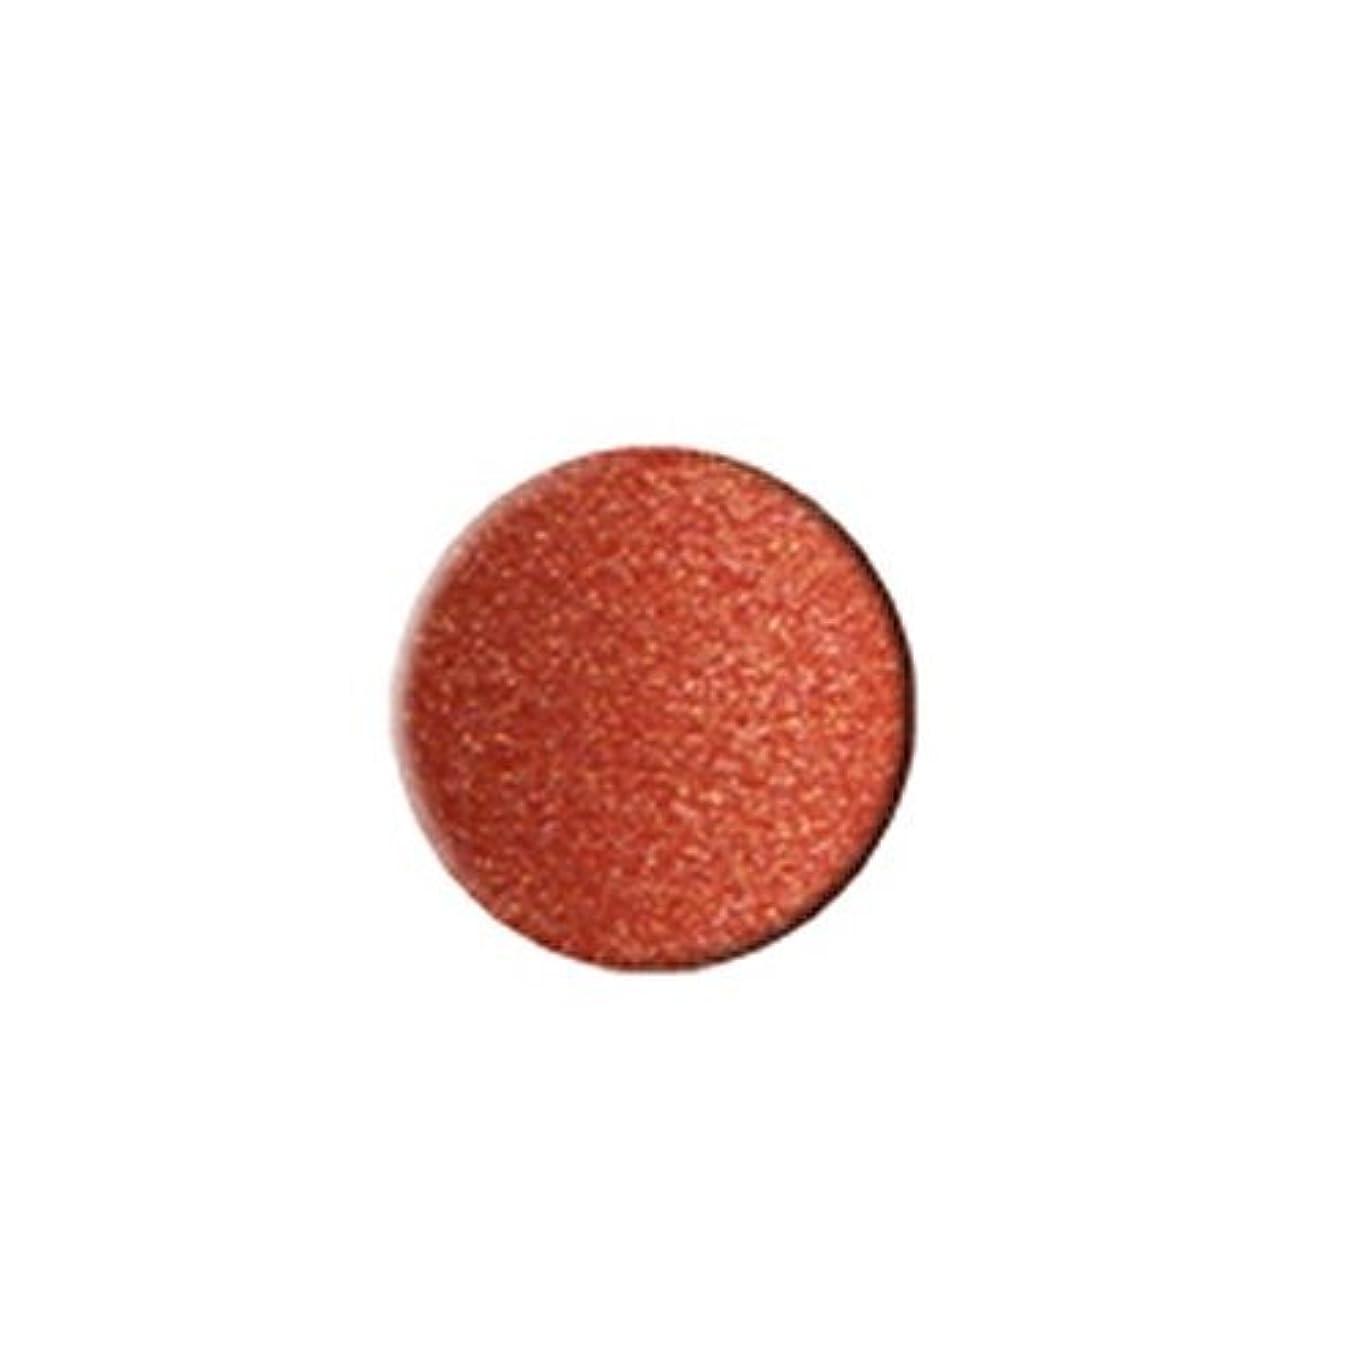 コピーブルジョン罪悪感KLEANCOLOR Everlasting Lipstick - Malibu (並行輸入品)